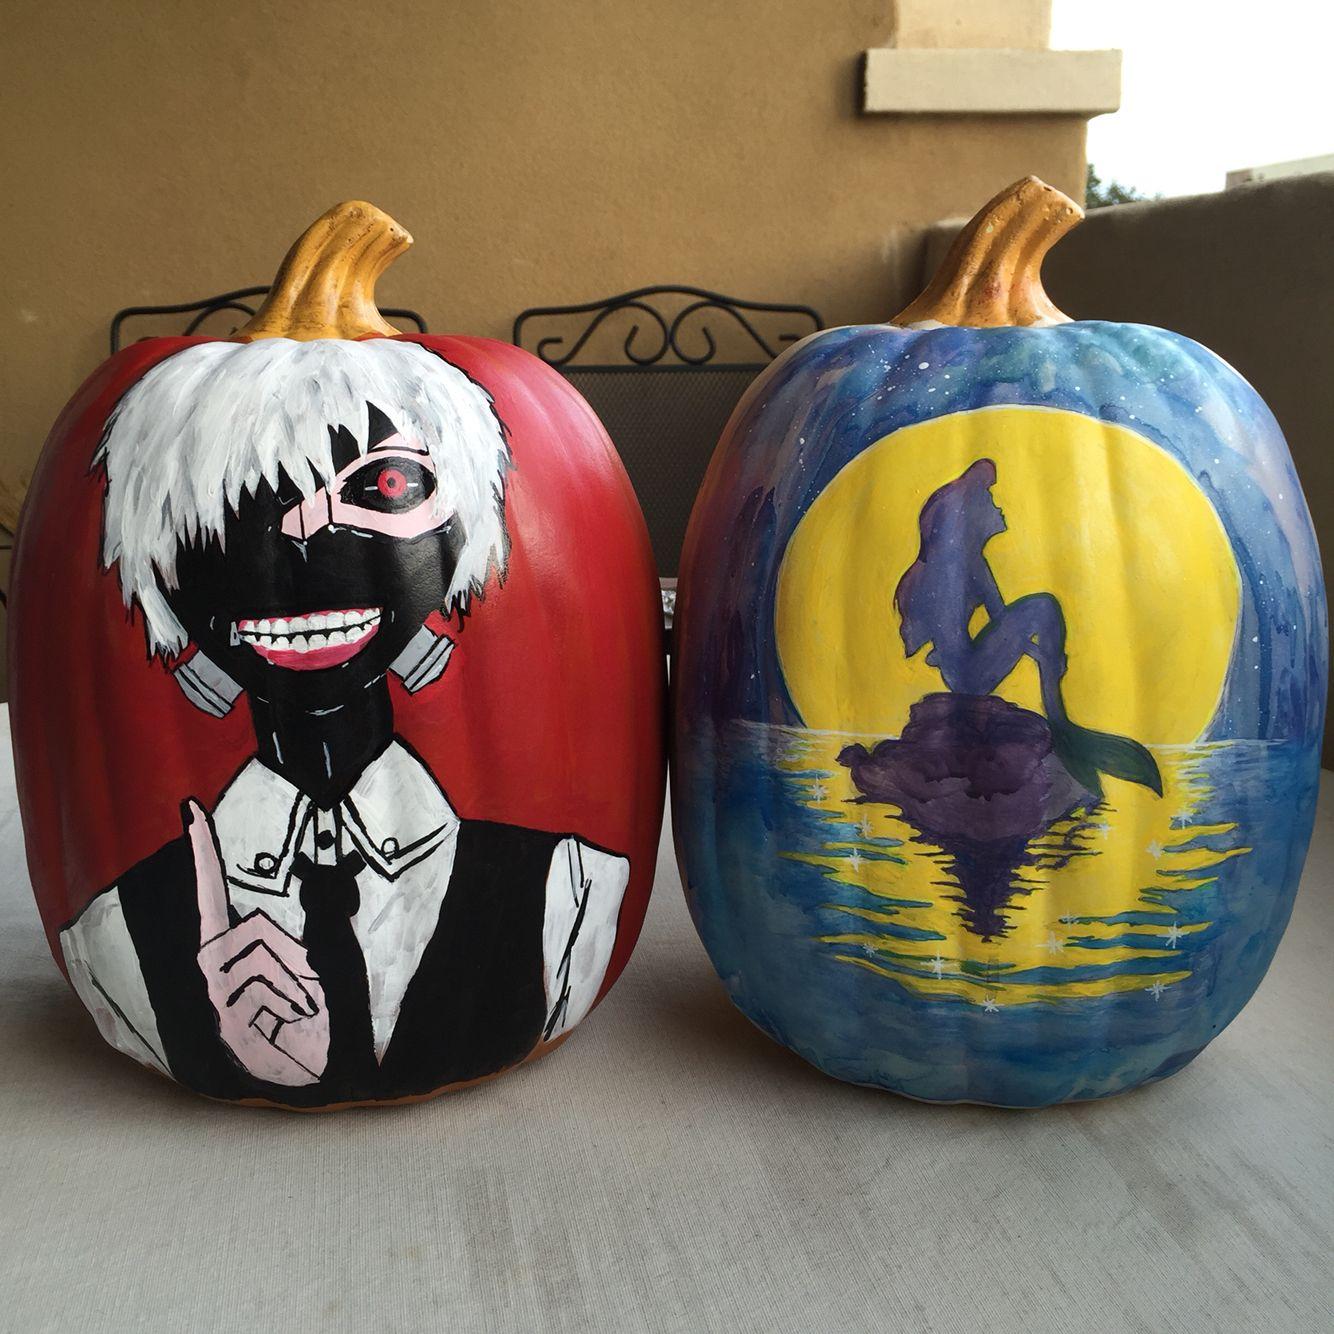 tokyo ghoul and little mermaid pumpkins yup disney